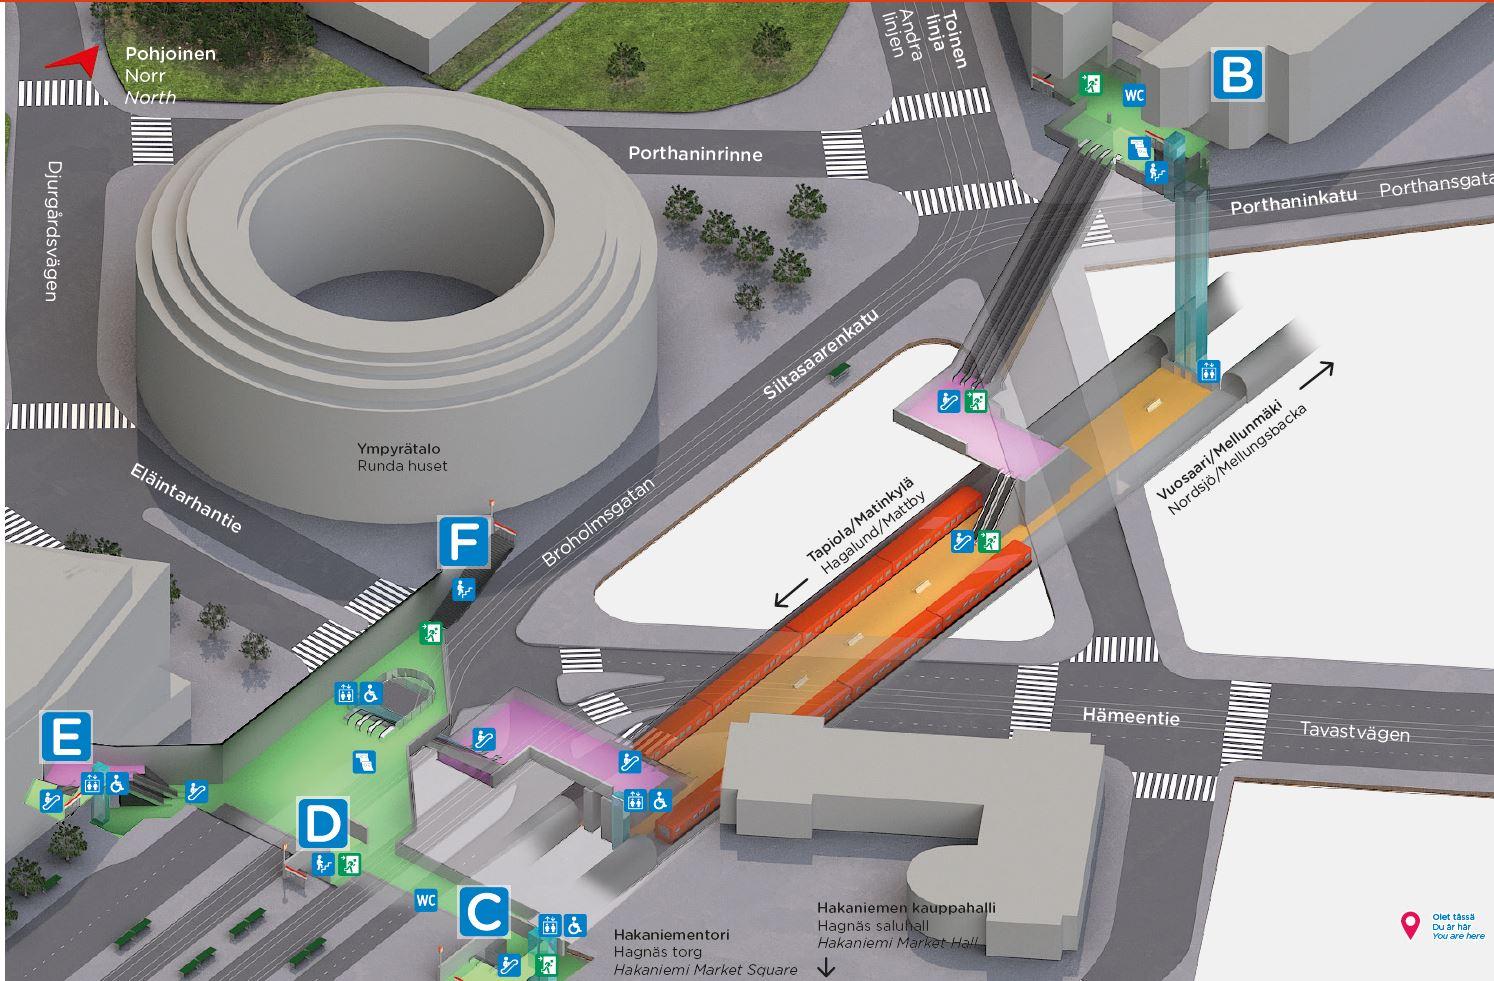 Lähin esteetön sisäänkäynti Linjoilta on Siltasaarenkadun E-sisäänkäynti. E-ovi on Siltasaarenkadun ja Eläintarhantien risteyksestä n. 50 metriä kohti Pitkääsiltaa torista katsottuna kadun toisella laidalla.